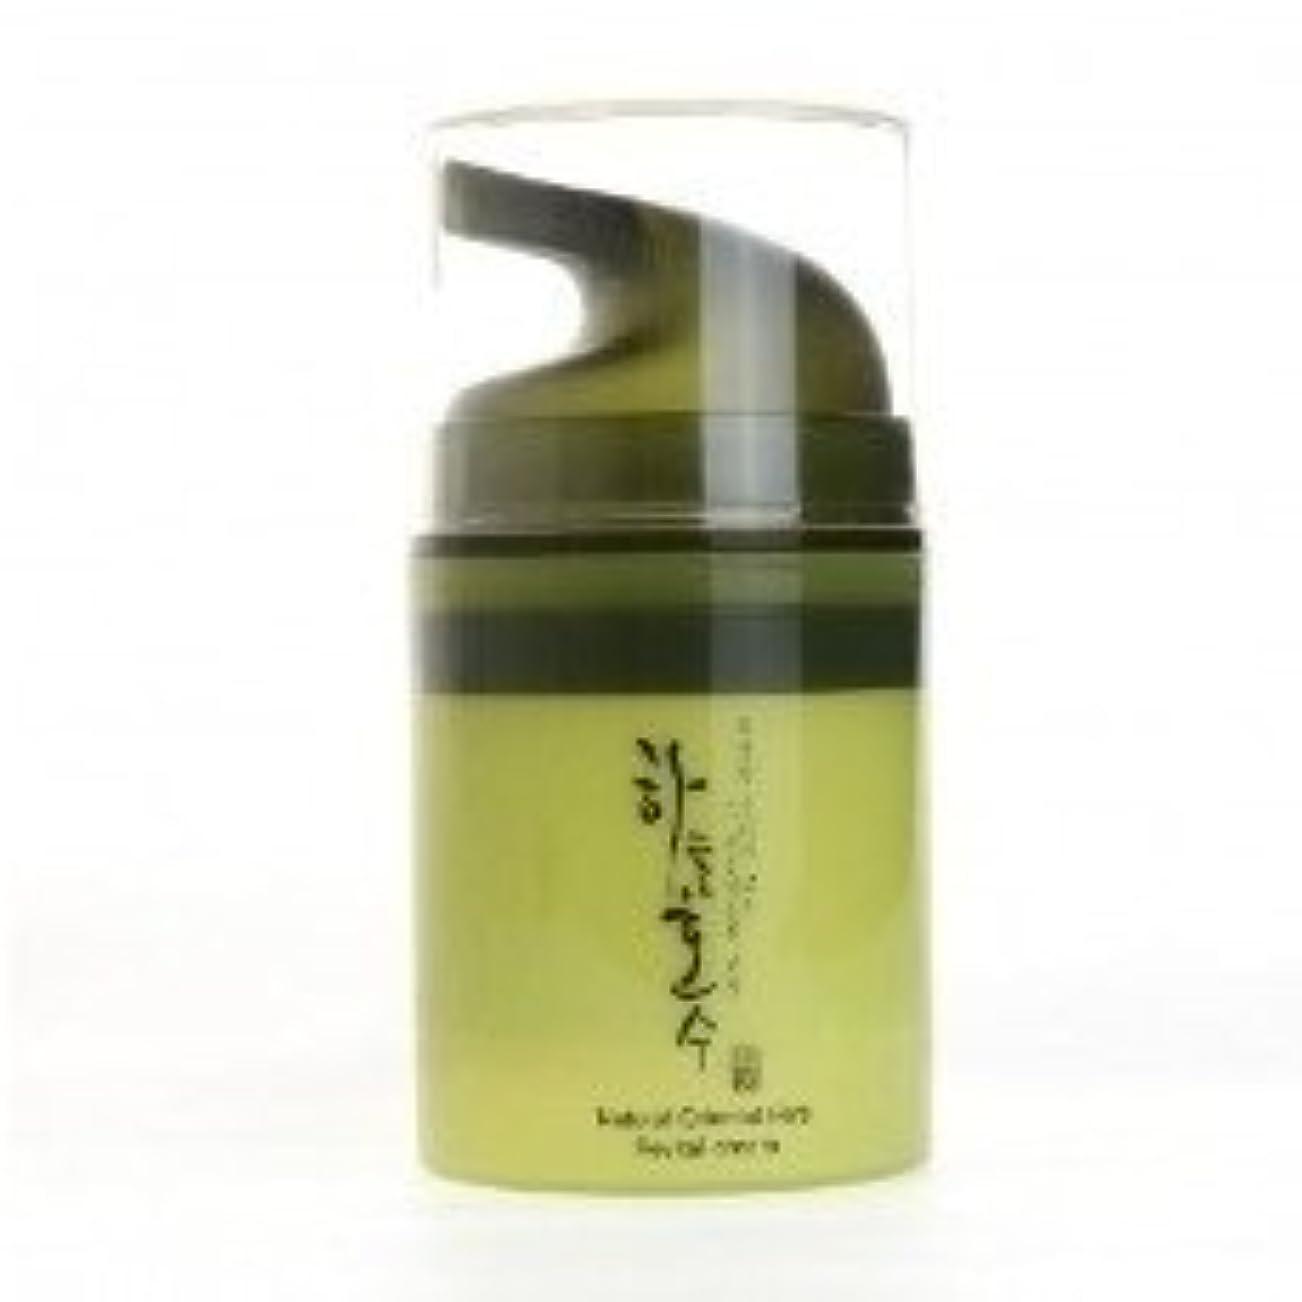 陸軍限られたインタビューSkylake Natural Oriental Herb Revital Cream ハヌルホス ナチュラルオリエンタル ハーブリバイタルクリーム [並行輸入品]